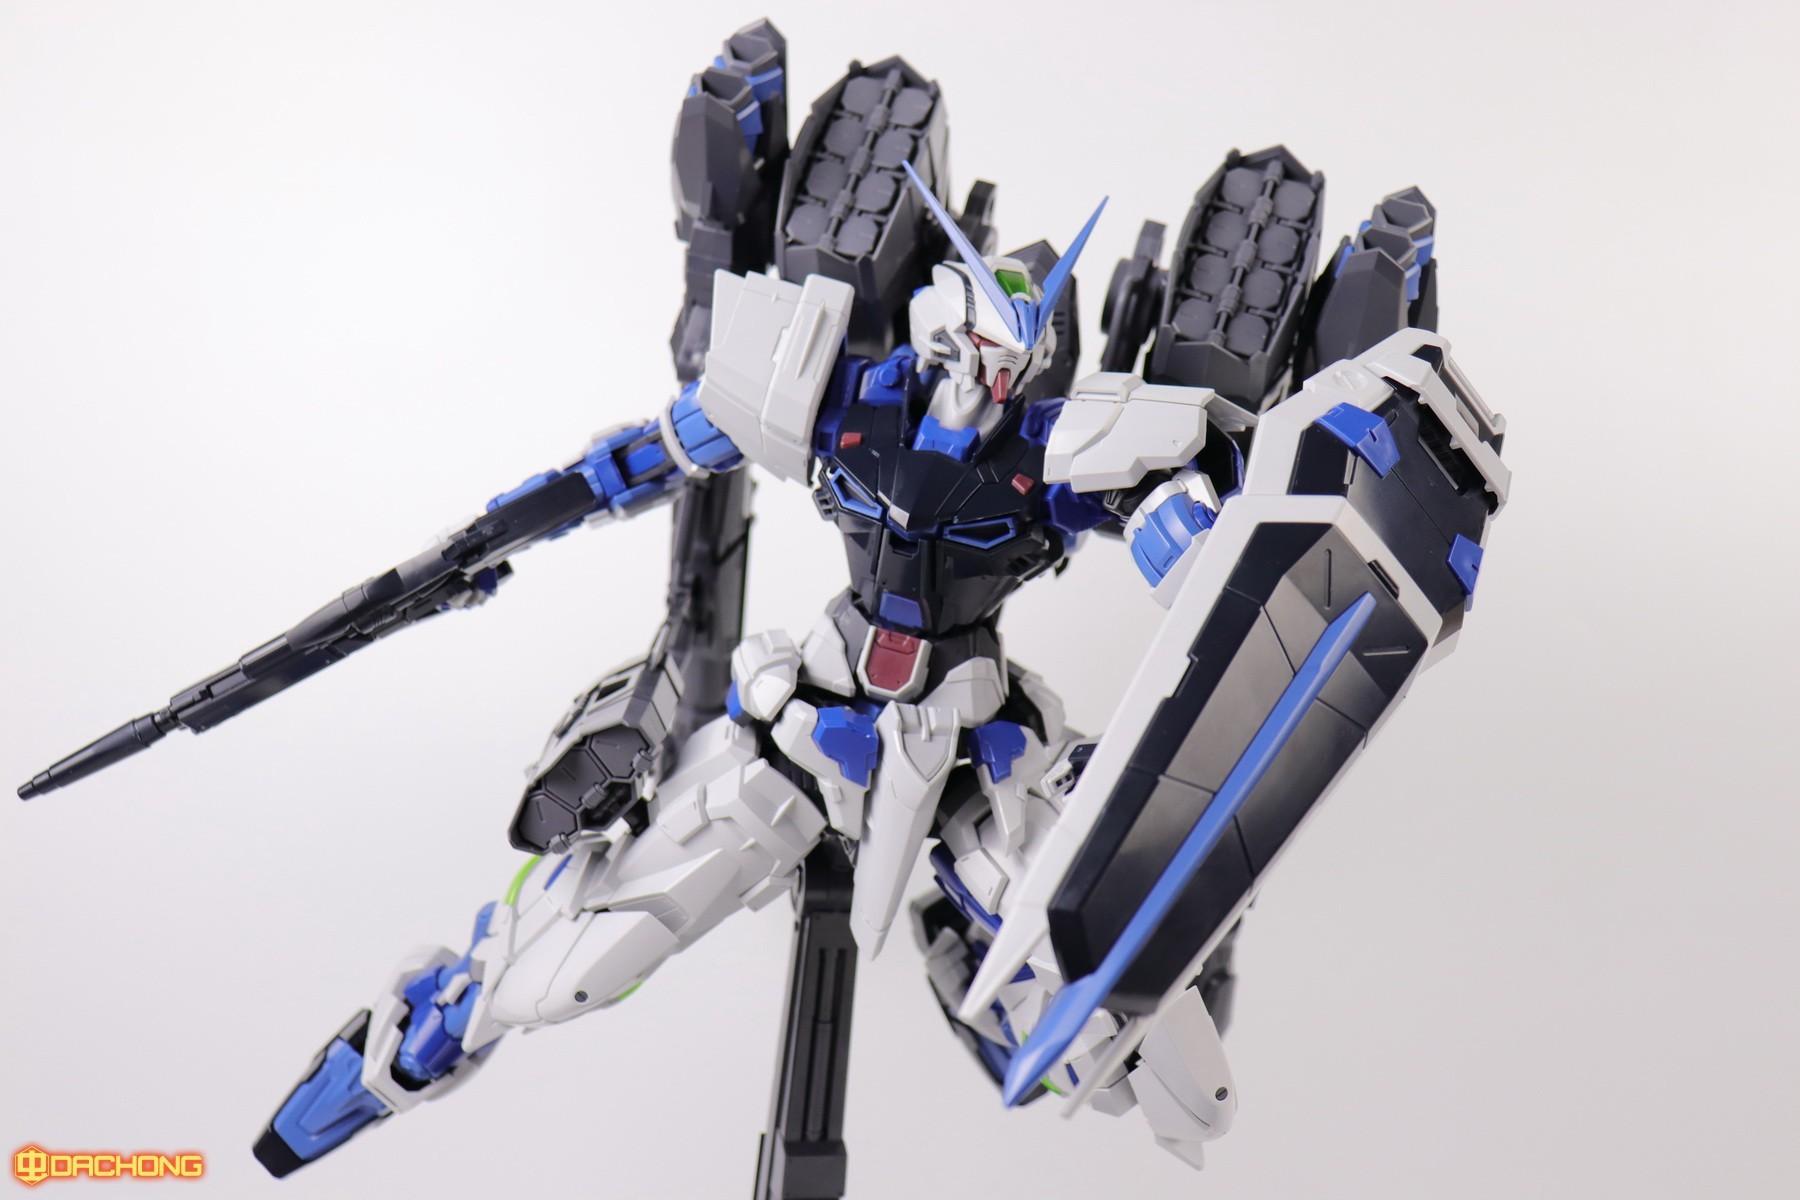 S306_blue_frame_astray_60_086.jpg